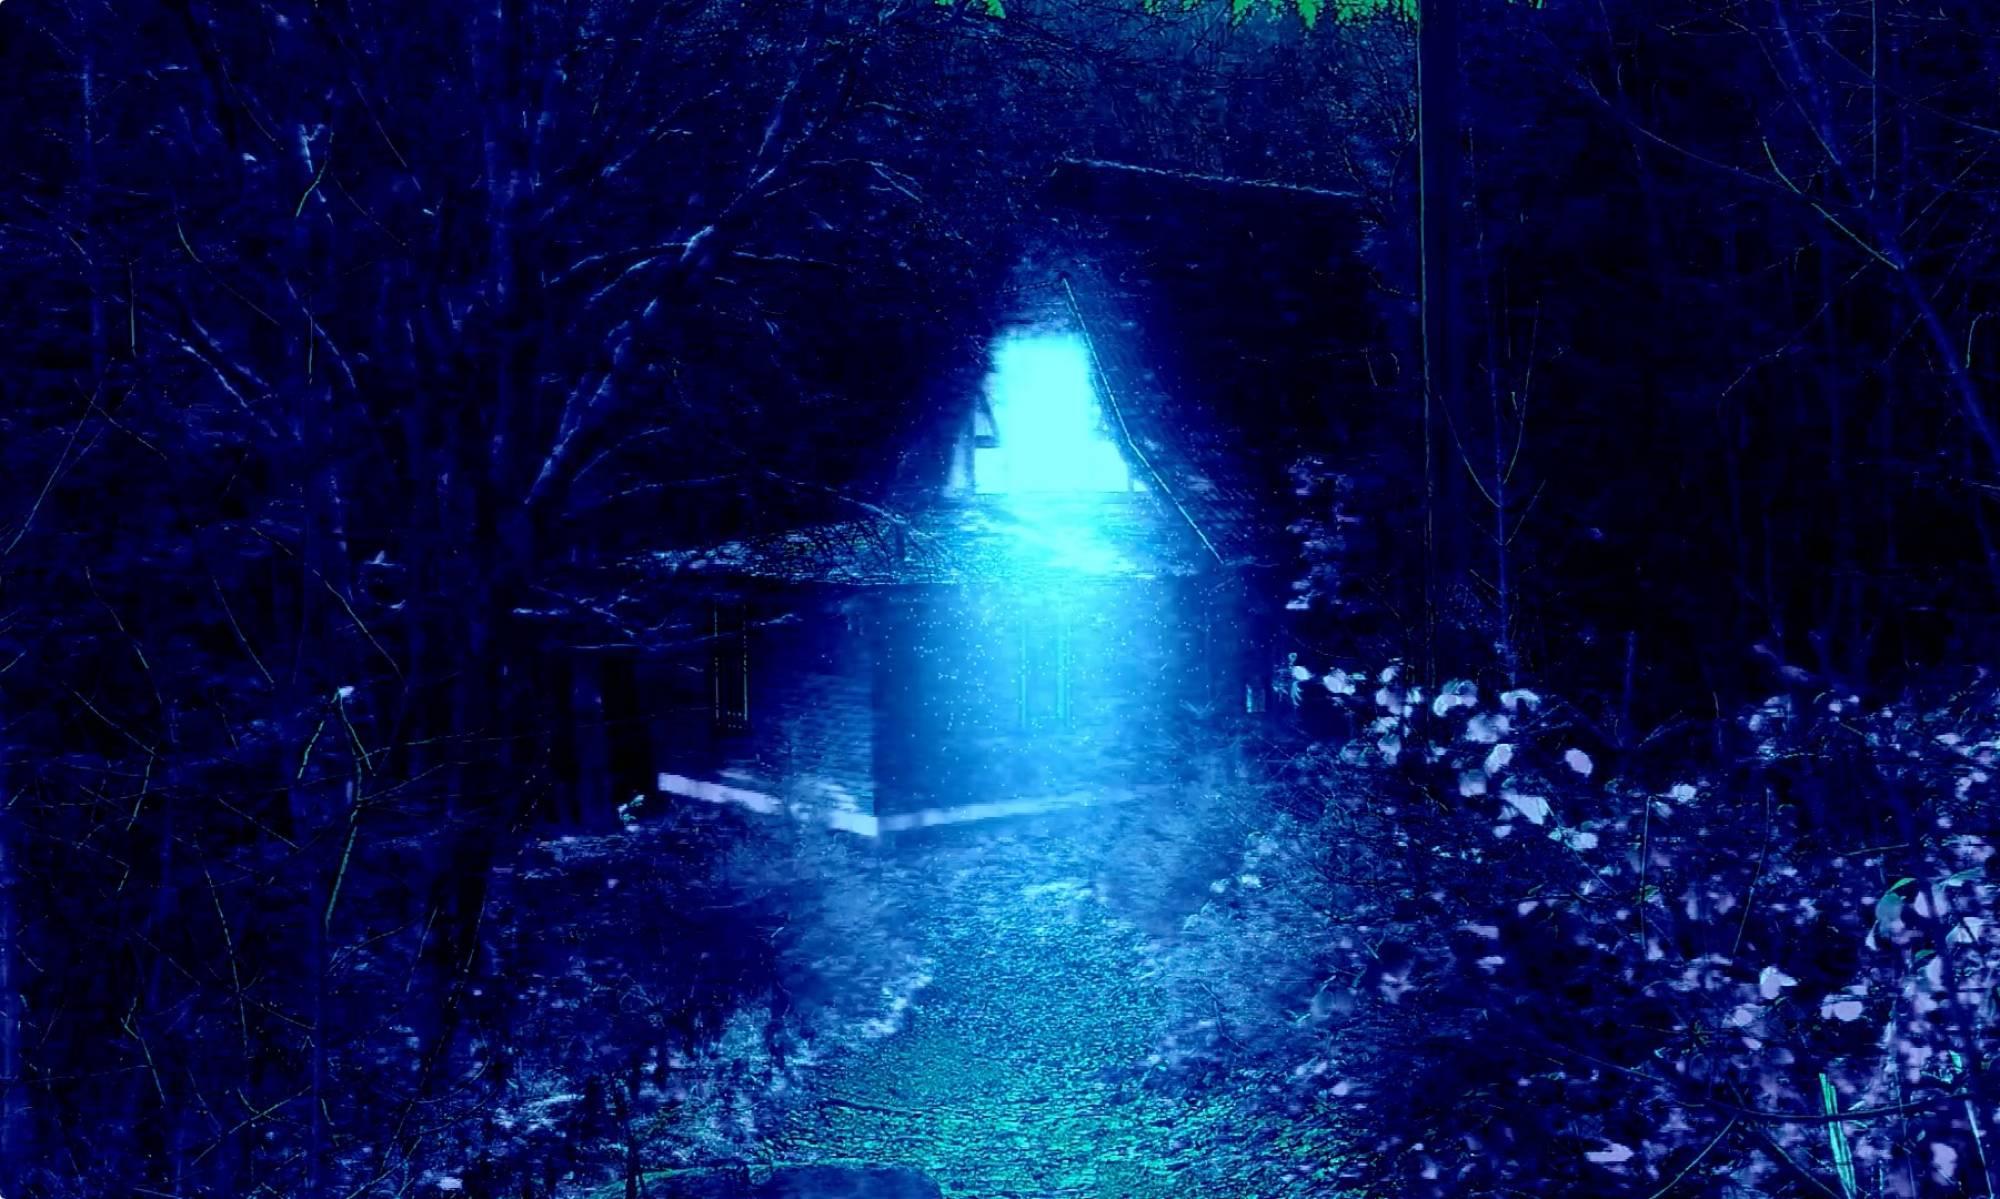 The Forest Dark